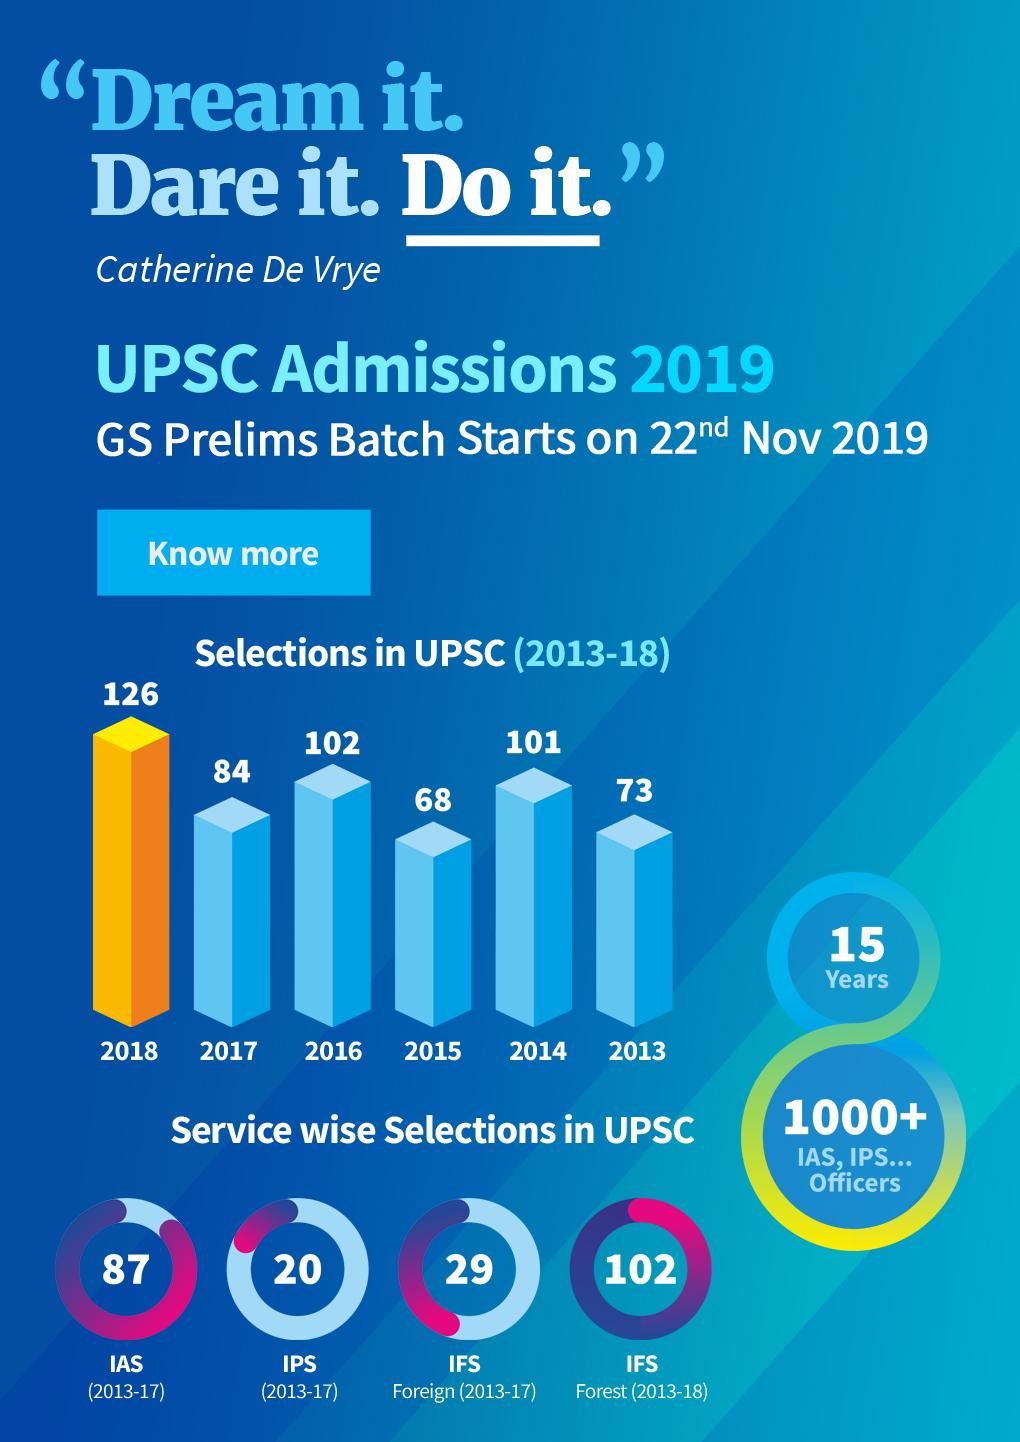 UPSC Admissions 2019